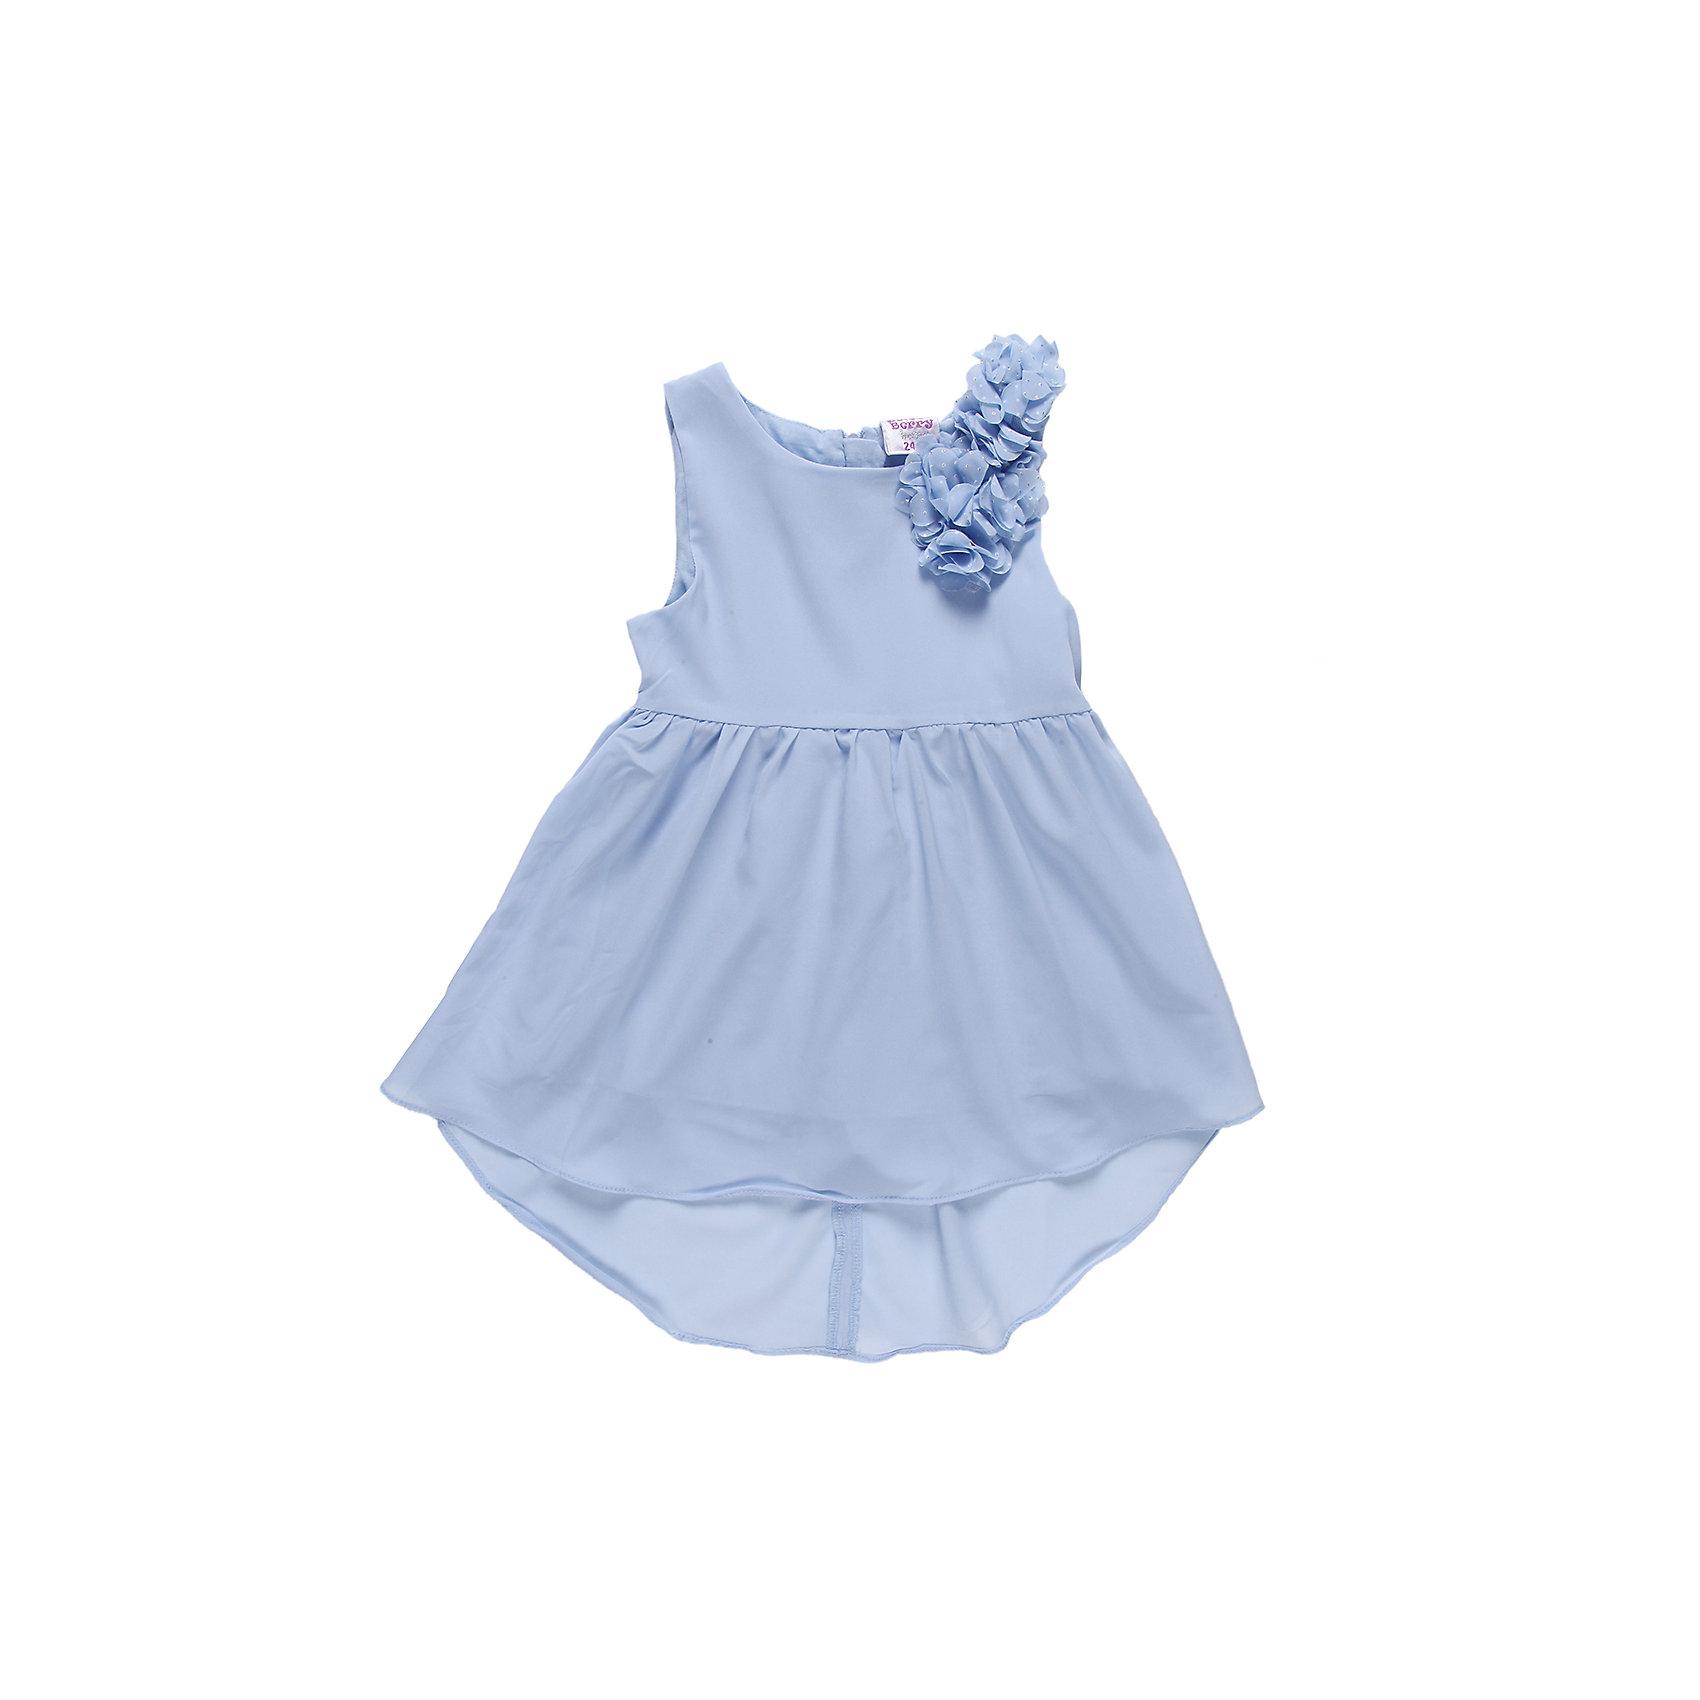 Платье для девочки Sweet BerryПлатья<br>Нарядное летнее платье на девочку, выполнено из шифона, подкладка хлопок, юбка удлиненная сзади. Украшено шифоновыми цветами.<br>Состав:<br>Верх: 100% полиэстер, Подкладка:  100% хлопок<br><br>Ширина мм: 236<br>Глубина мм: 16<br>Высота мм: 184<br>Вес г: 177<br>Цвет: голубой<br>Возраст от месяцев: 9<br>Возраст до месяцев: 12<br>Пол: Женский<br>Возраст: Детский<br>Размер: 80,92,86<br>SKU: 4521983